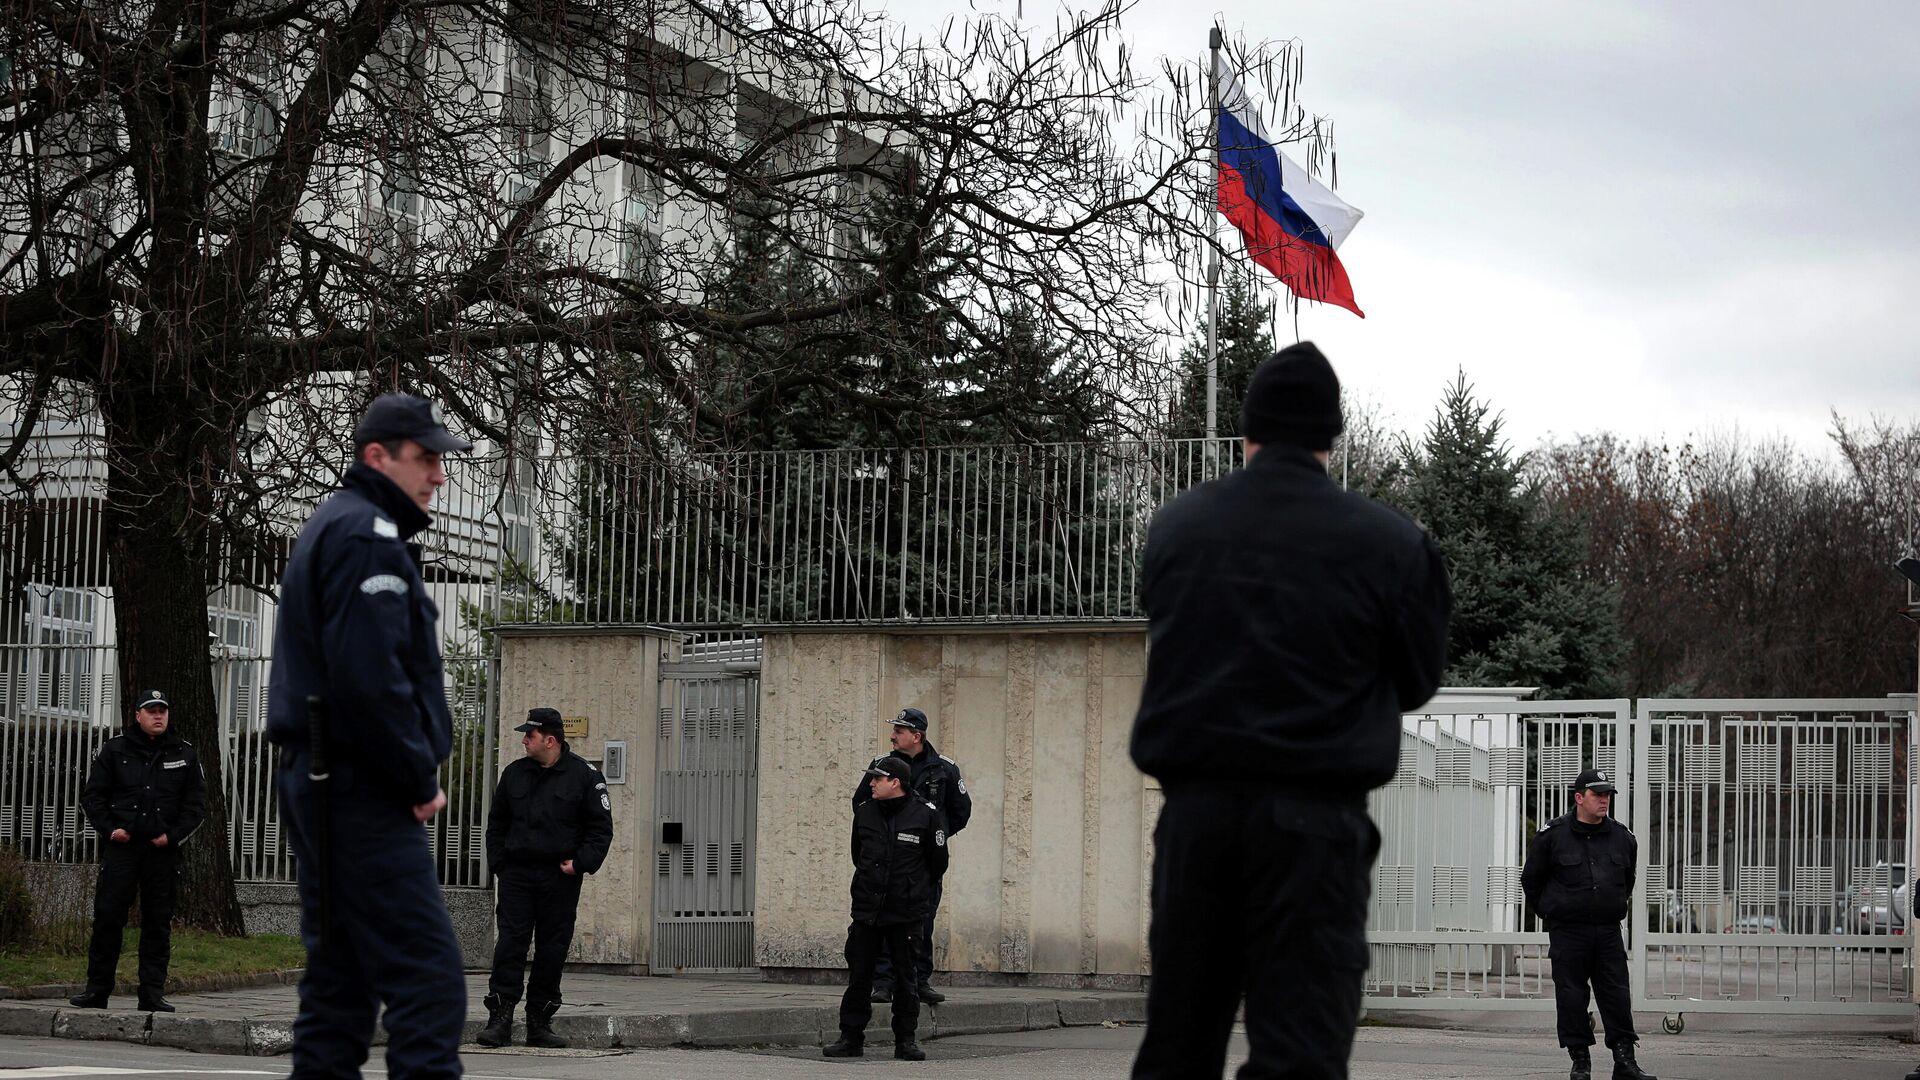 Болгарские полицейские у здания посольства РФ в Софии - РИА Новости, 1920, 19.03.2021